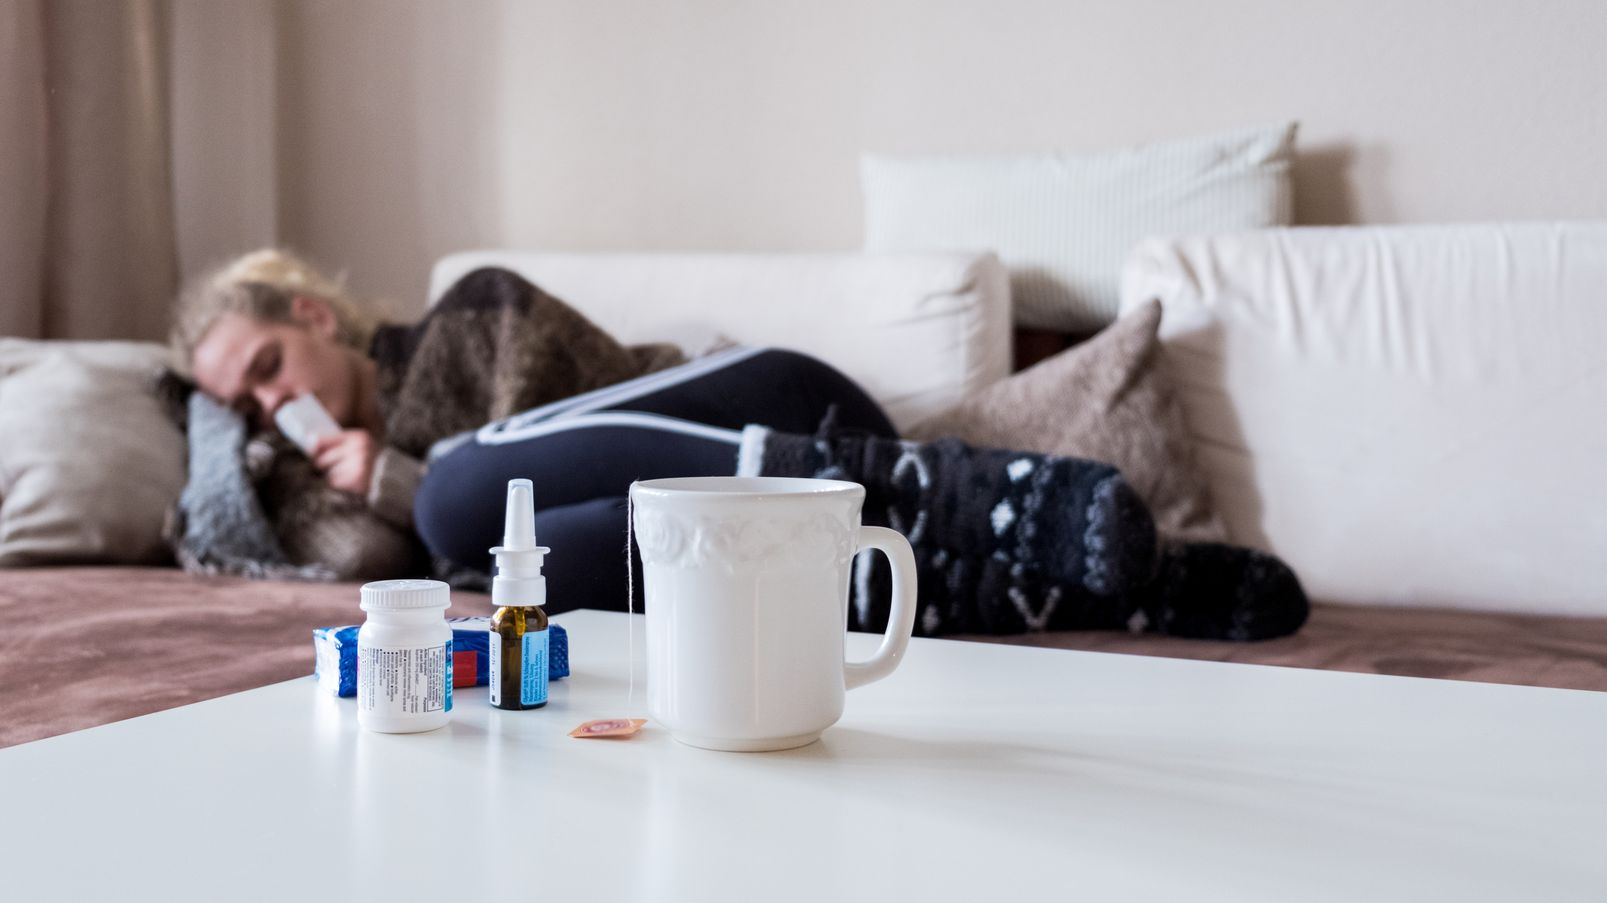 Diese Saison haben sich deutlich mehr Menschen mit Grippeviren infiziert.